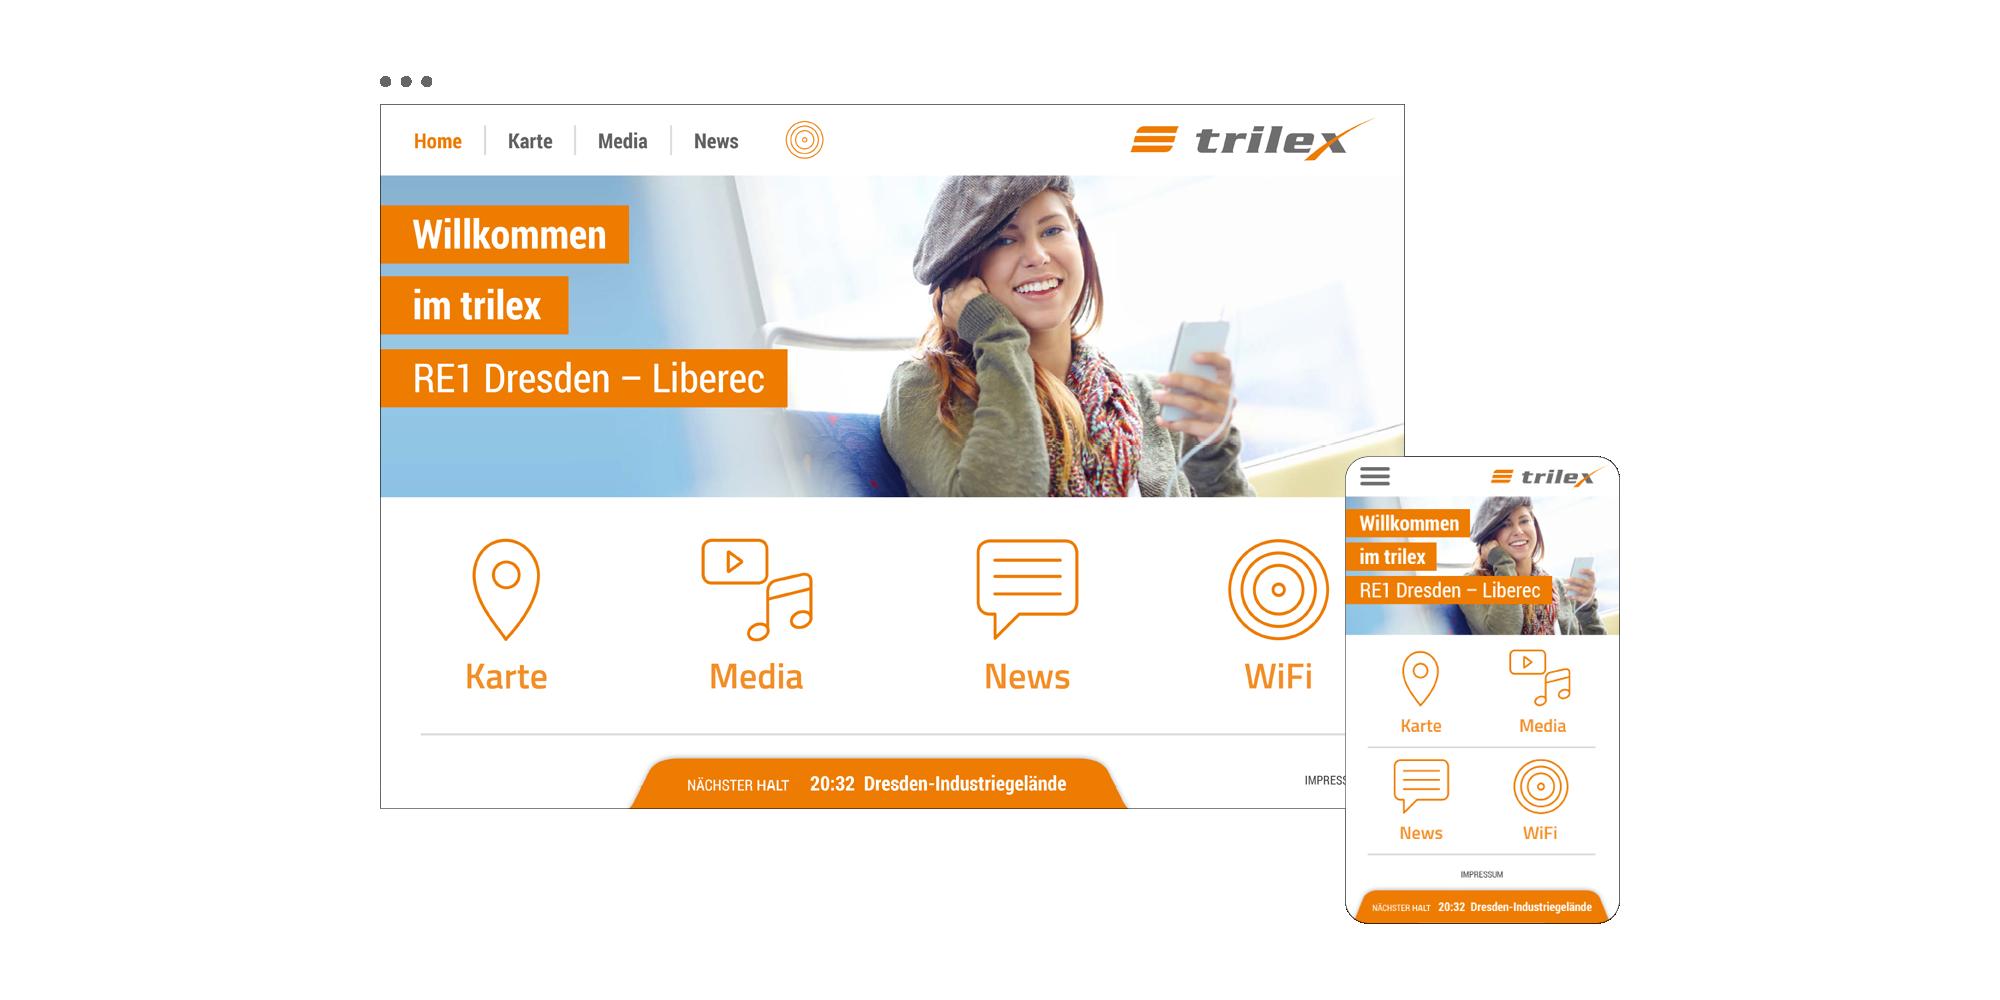 trilex Fahrgastportal / Startseite